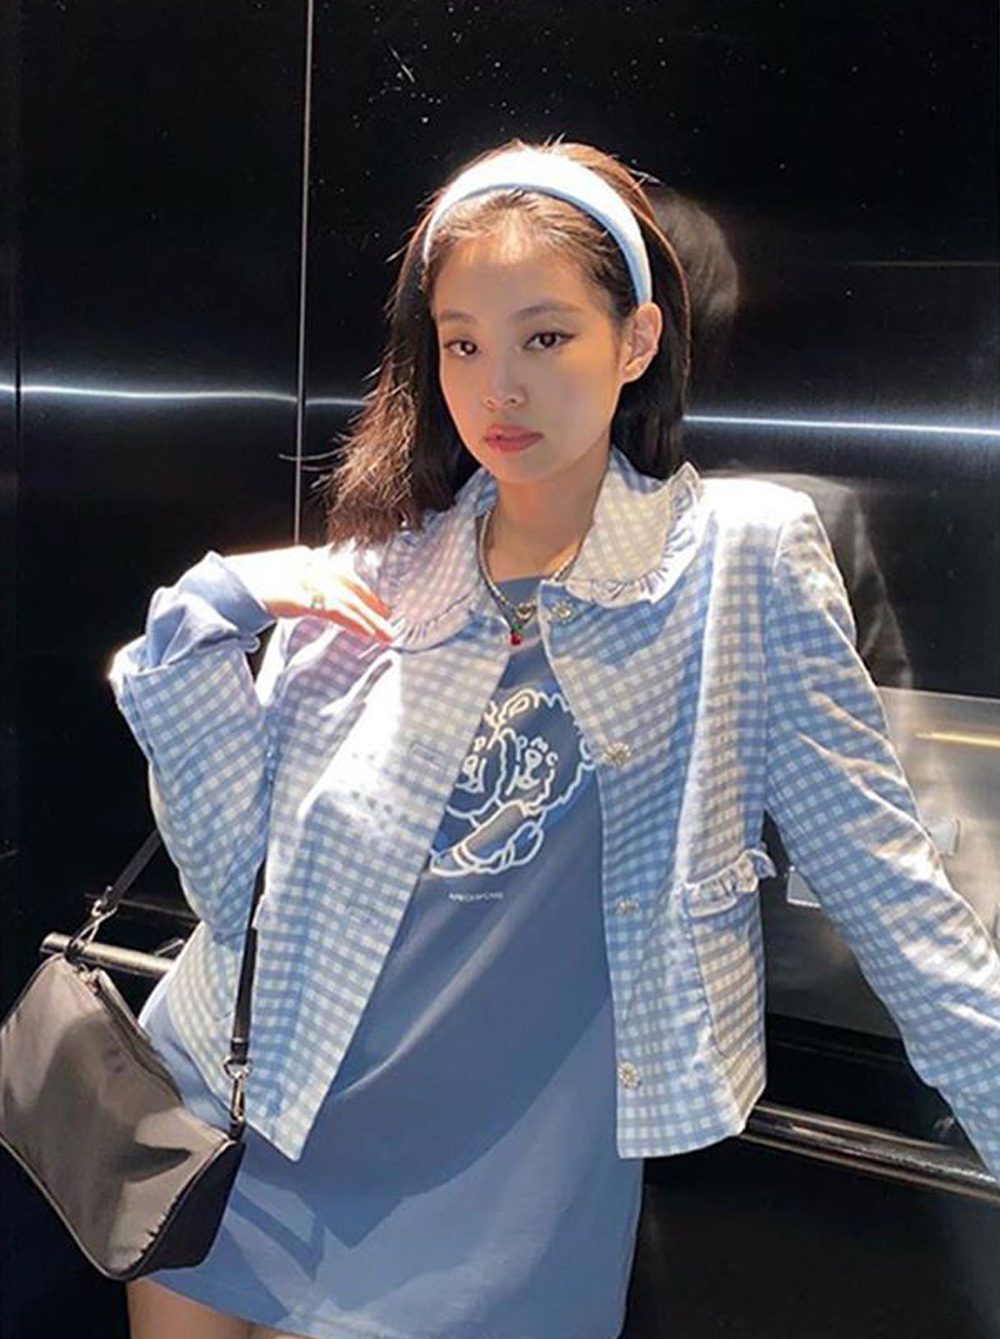 BLANC & ECLARE của Jessica Jung đạt doanh thu 441 tỷ đồng năm 2019 3